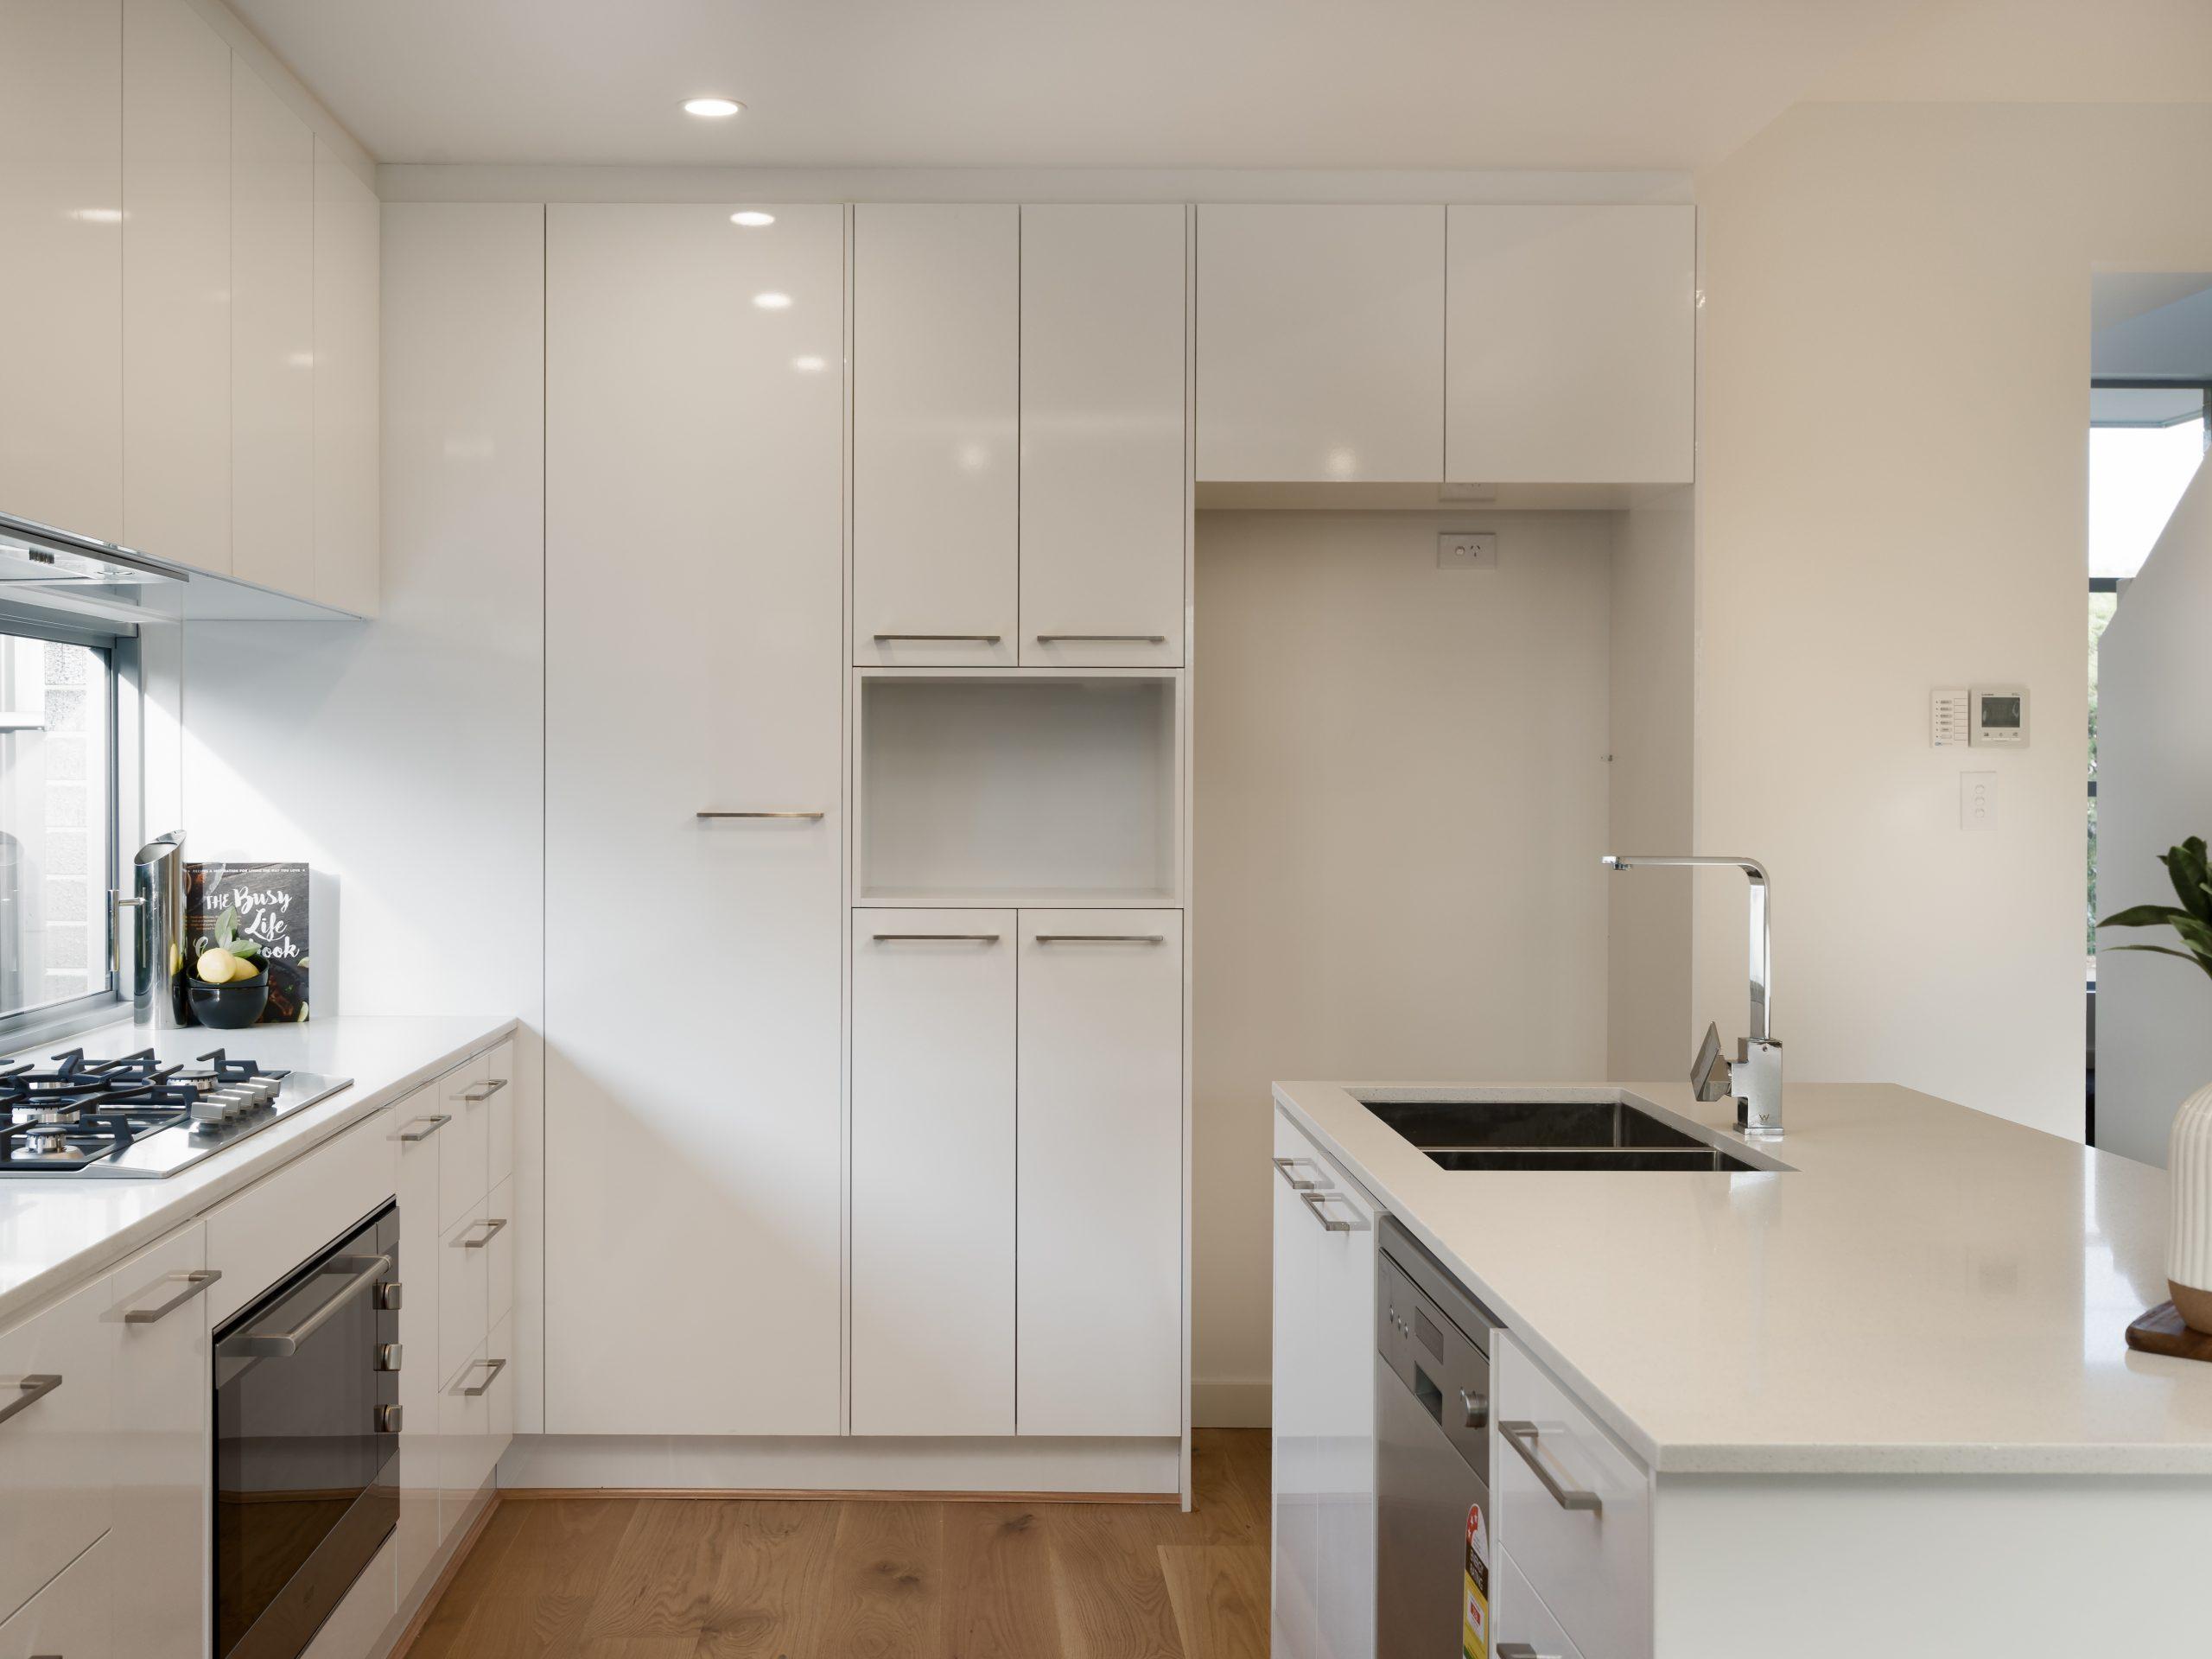 Hectorville - Ross - HBC Homes Adelaide - DSC01498-Edit